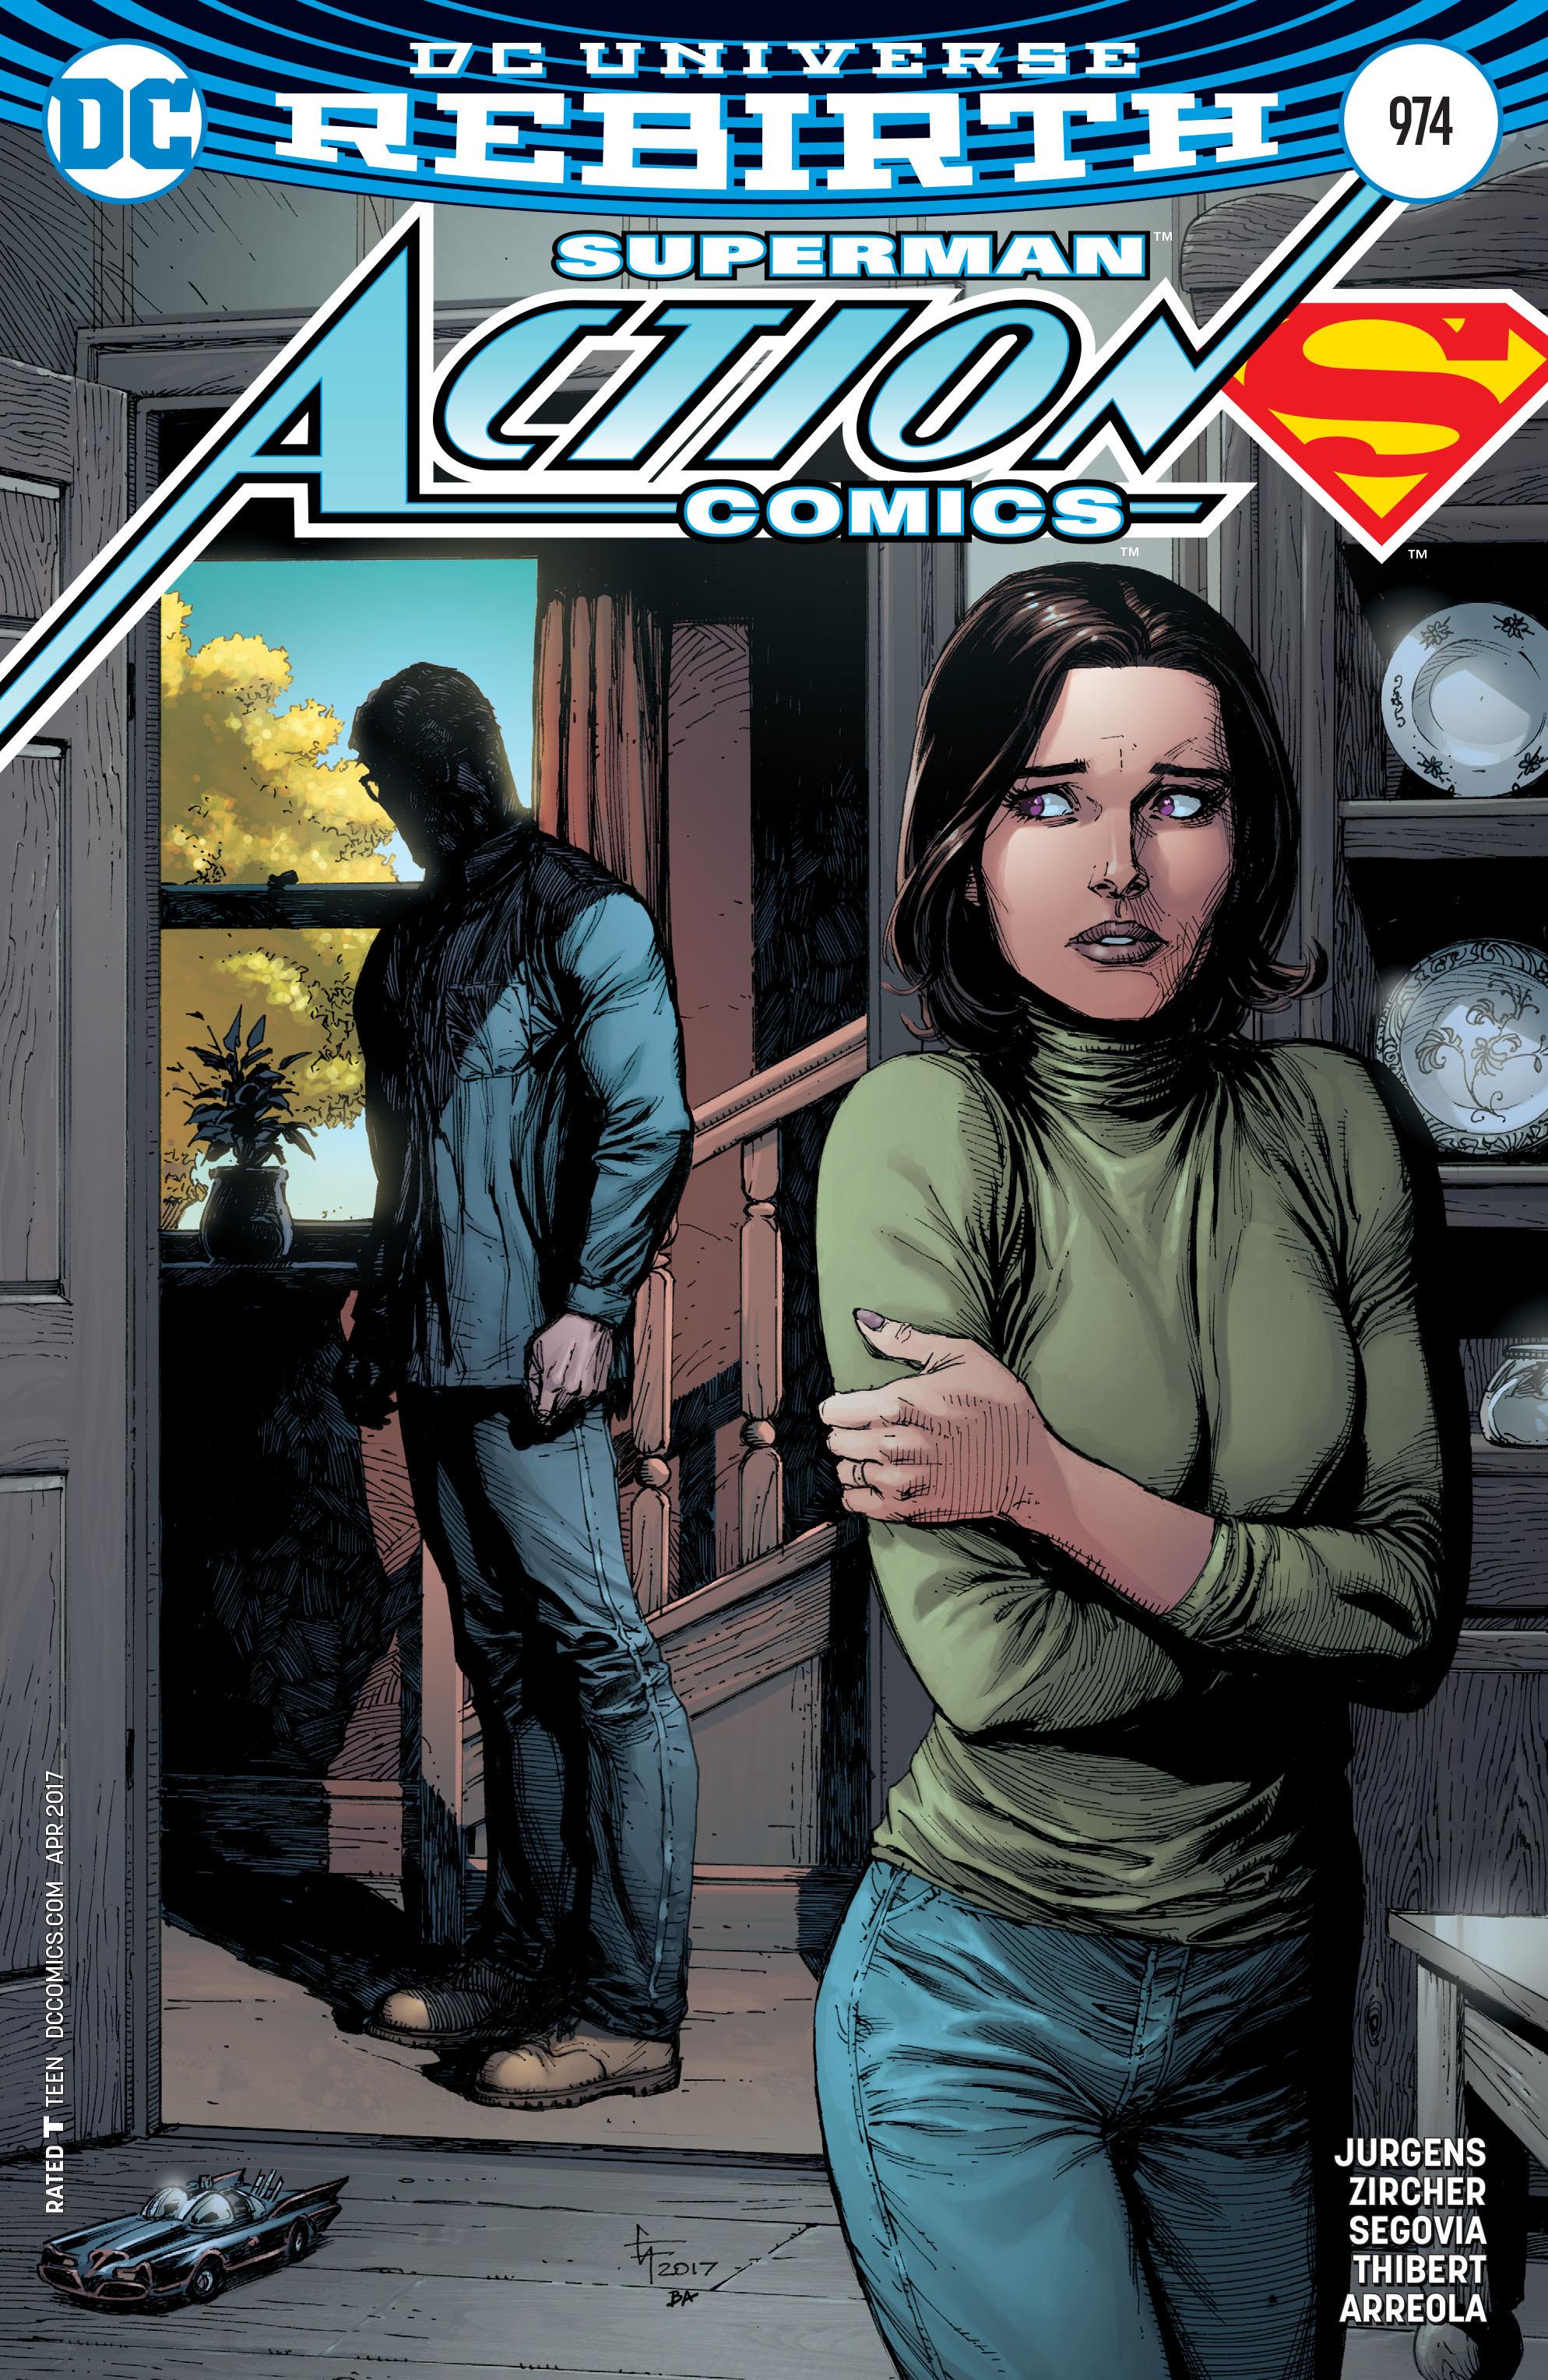 Action Comics Vol 1 974 Variant.jpg